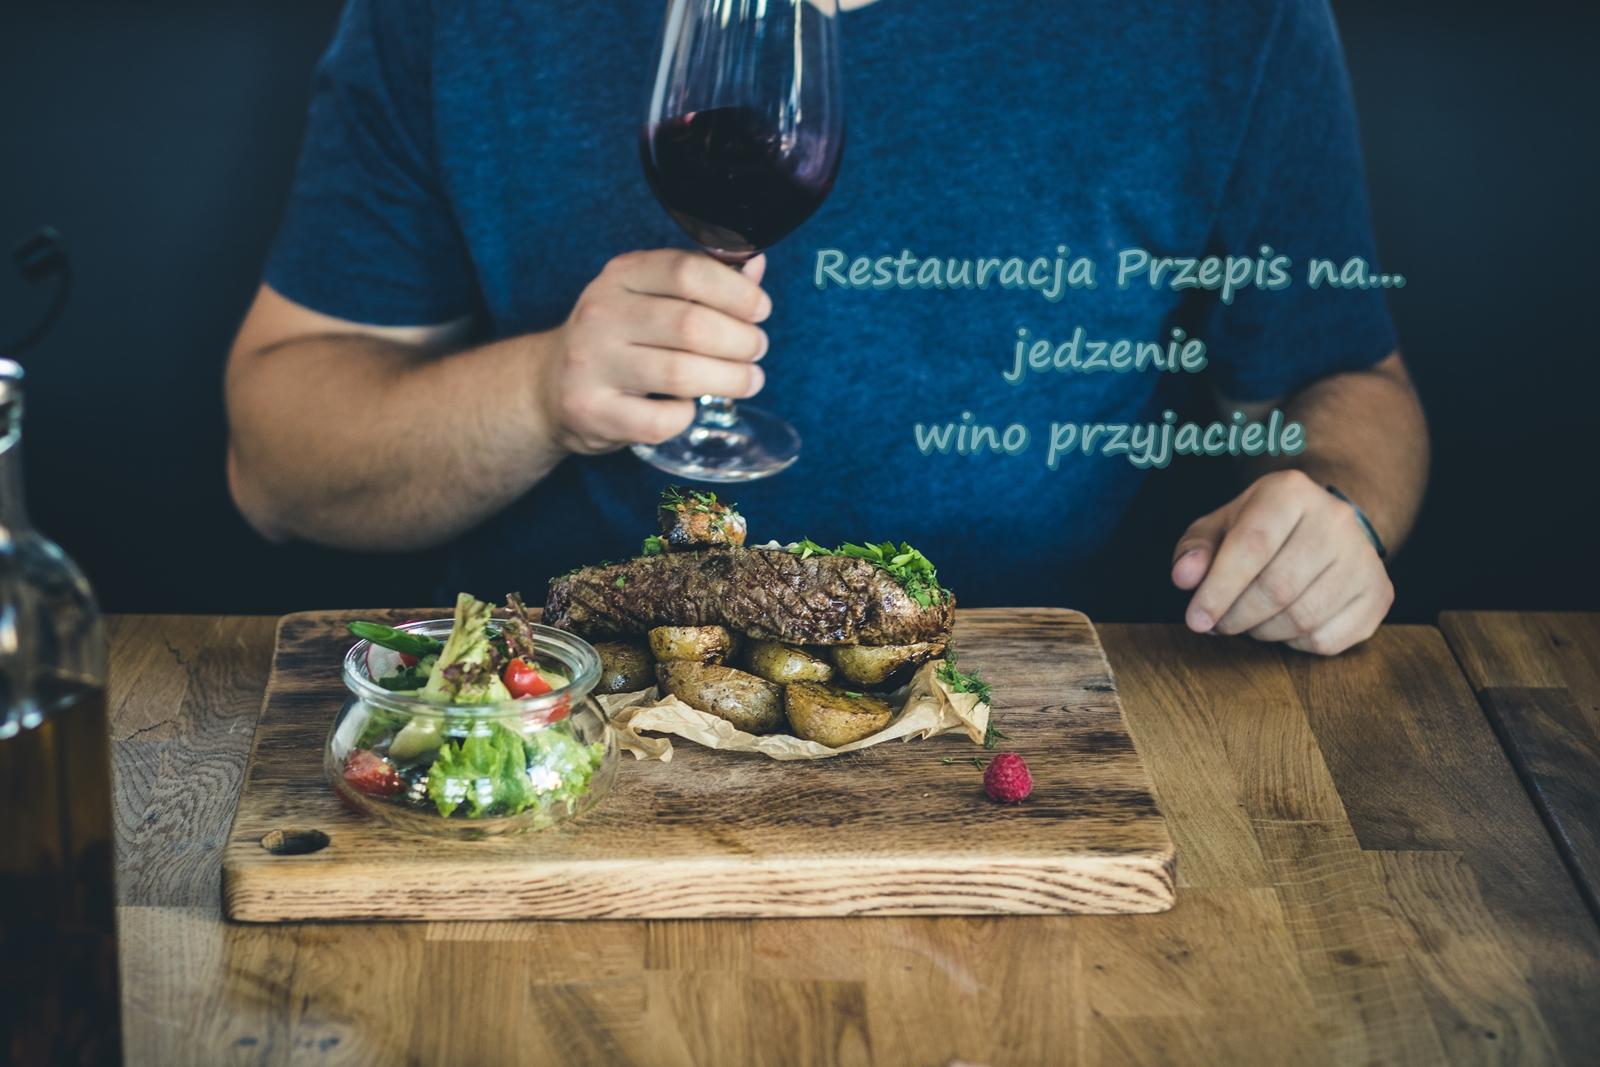 Restauracja Przepis na... jedzenie wino przyjaciele Gdansk